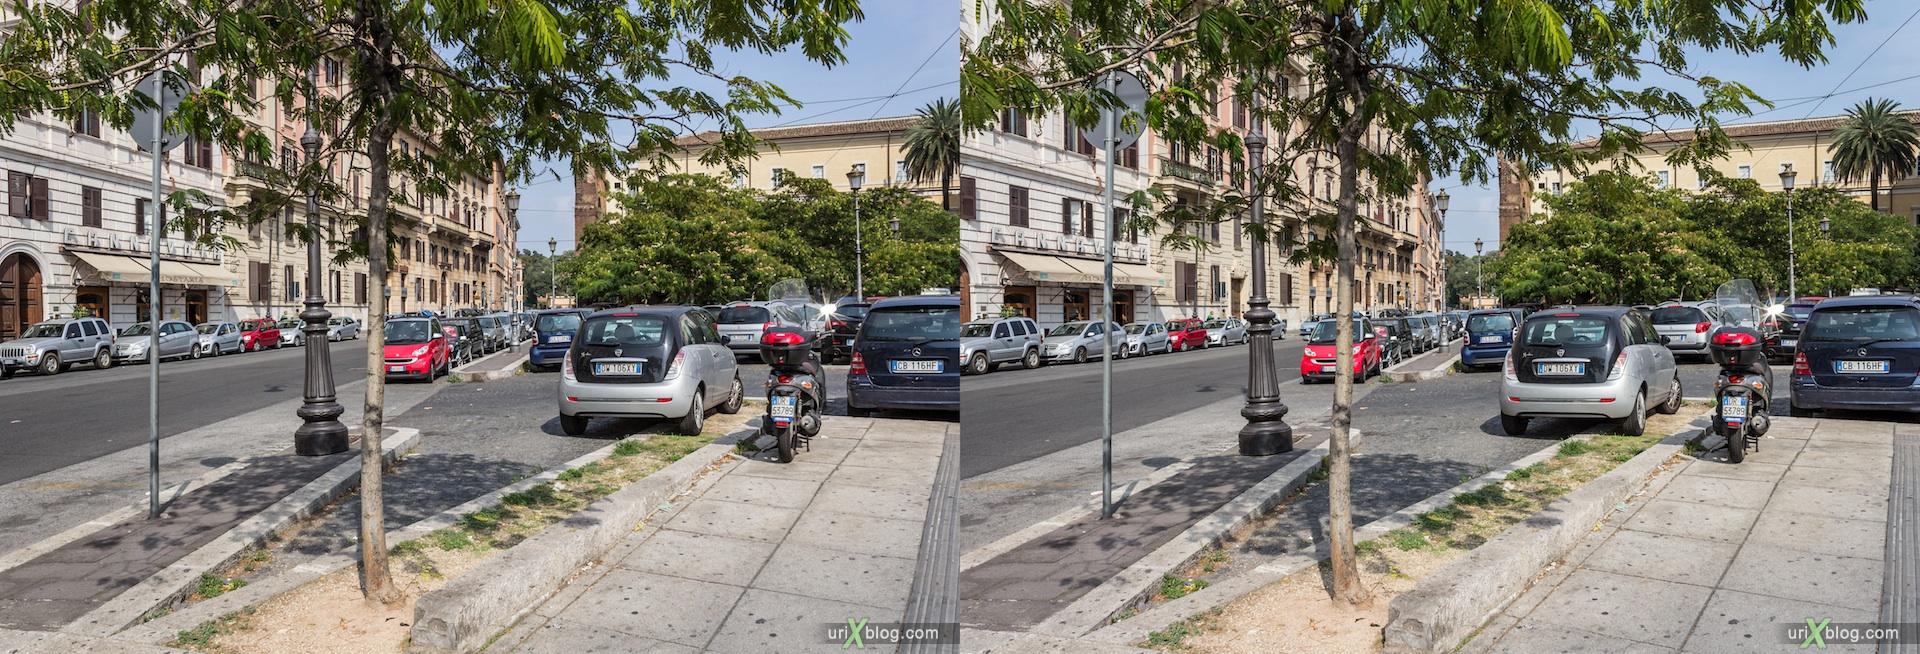 2012, Via Domenico Fontana street, Piazza di San Giovanni in Laterano square, Piazza di Porta San Giovanni square, 3D, stereo pair, cross-eyed, crossview, cross view stereo pair